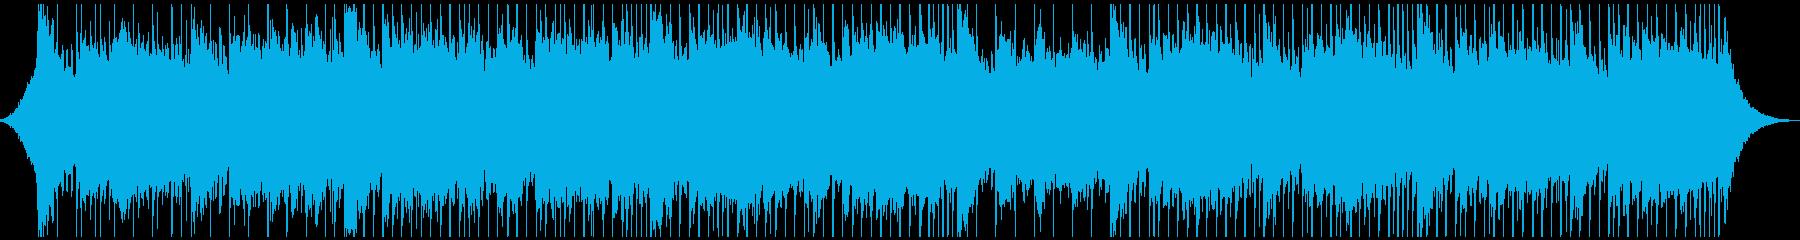 ティーン アンビエント コーポレー...の再生済みの波形